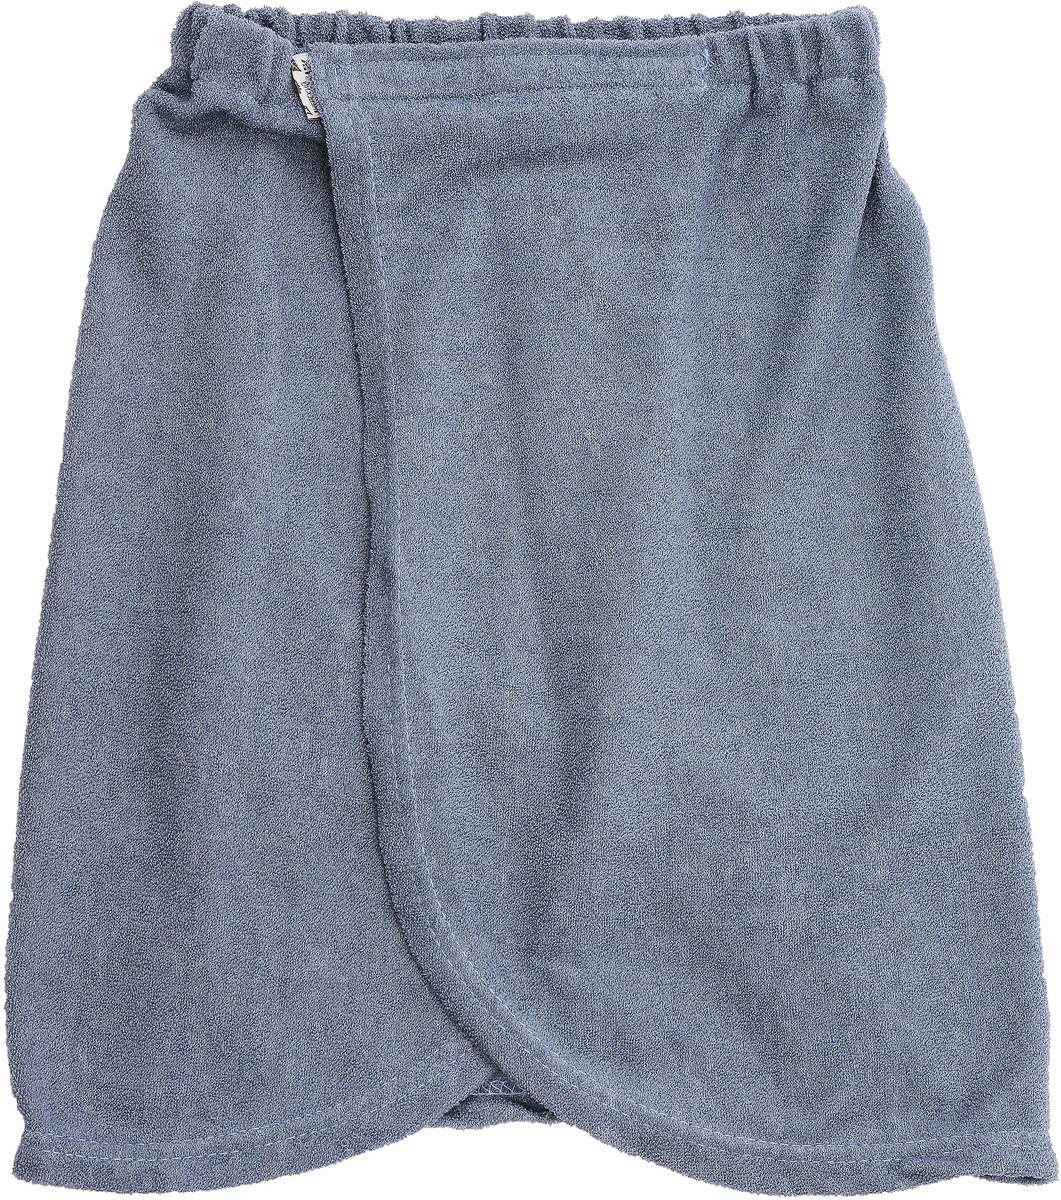 Килт для бани детский Юный банщик, цвет: серый, 41 х 60 смБ2521_серыйКилт Юный банщик изготовлен из натурально хлопка. Детский банный килт - это многофункциональная накидка специального покроя с резинкой и застежкой-липучкой. В парилке можно лежать на нем, после душа вытираться. Длина килта: 41 см. Ширина килта (по поясу): 60 см. Рекомендуемый рост: 128 - 146 см.